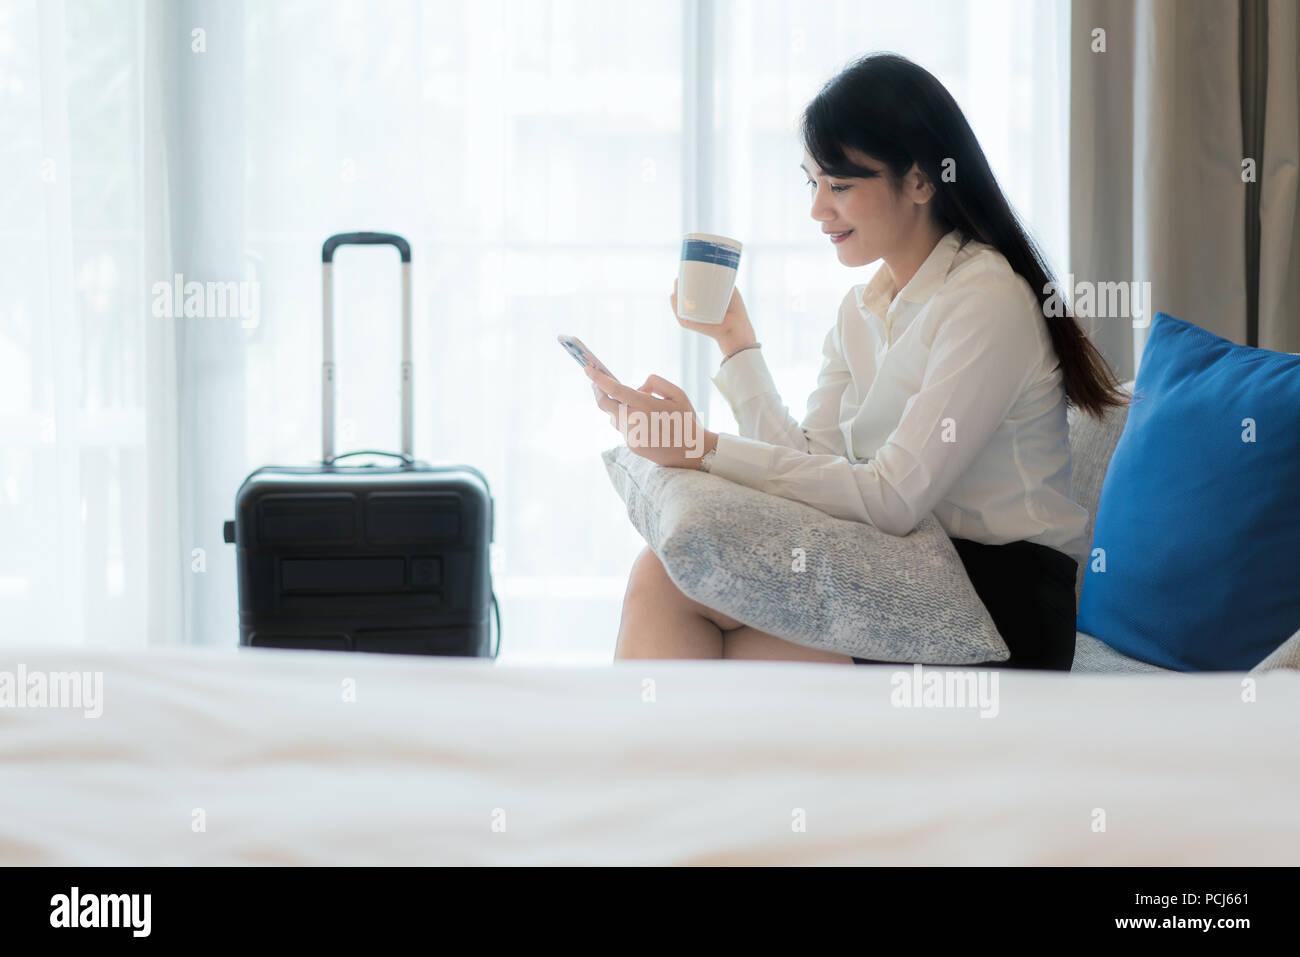 Schöne Asiatische junge lächelnde Geschäftsfrau im Anzug Kaffee trinken und über Handy beim Sitzen auf dem Sofa im Zimmer. Business Travel. Stockbild